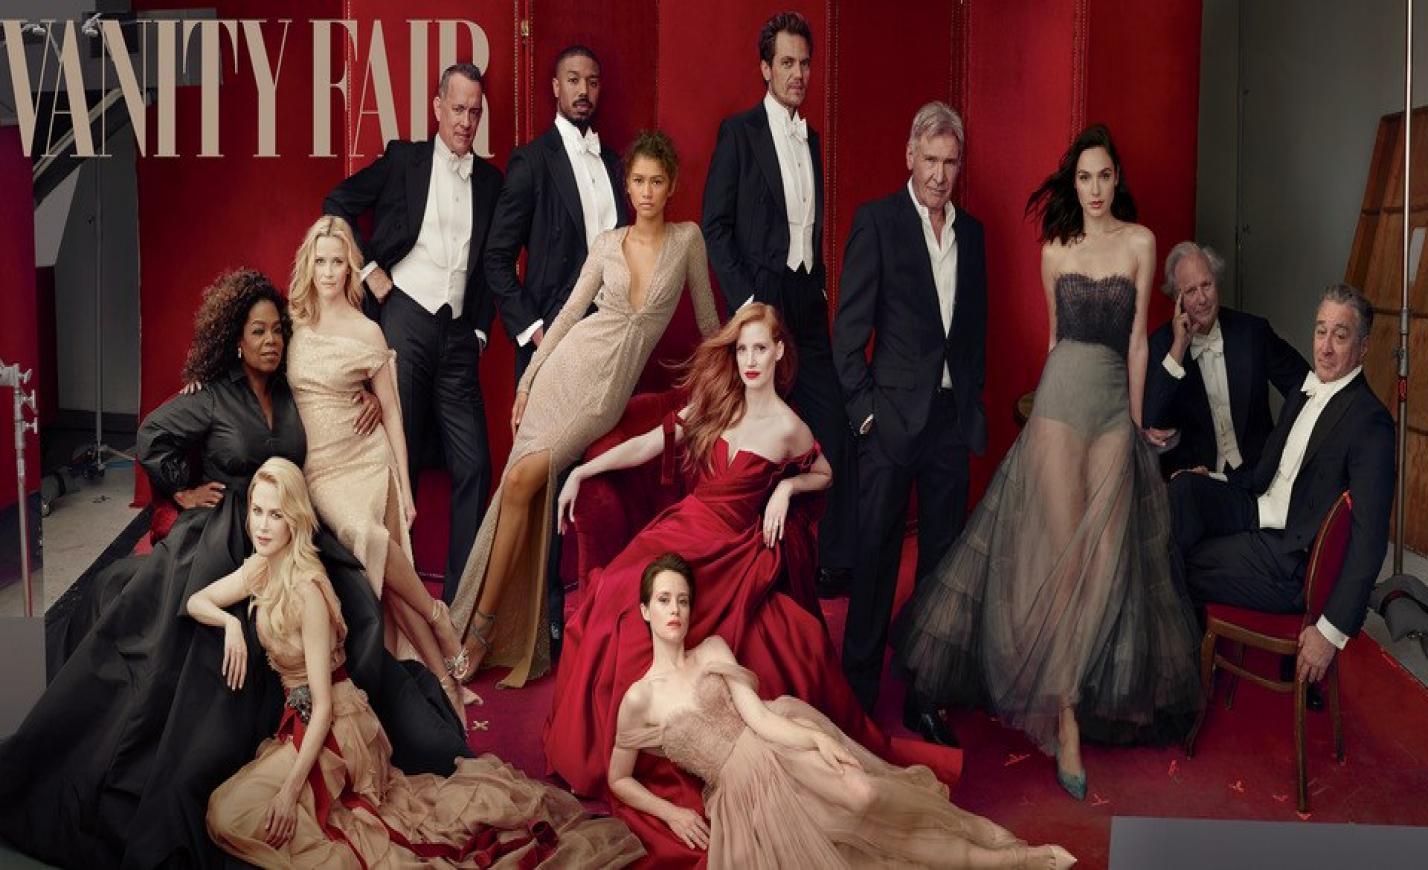 A Vanity Fair photoshop bakiján nevet az internet